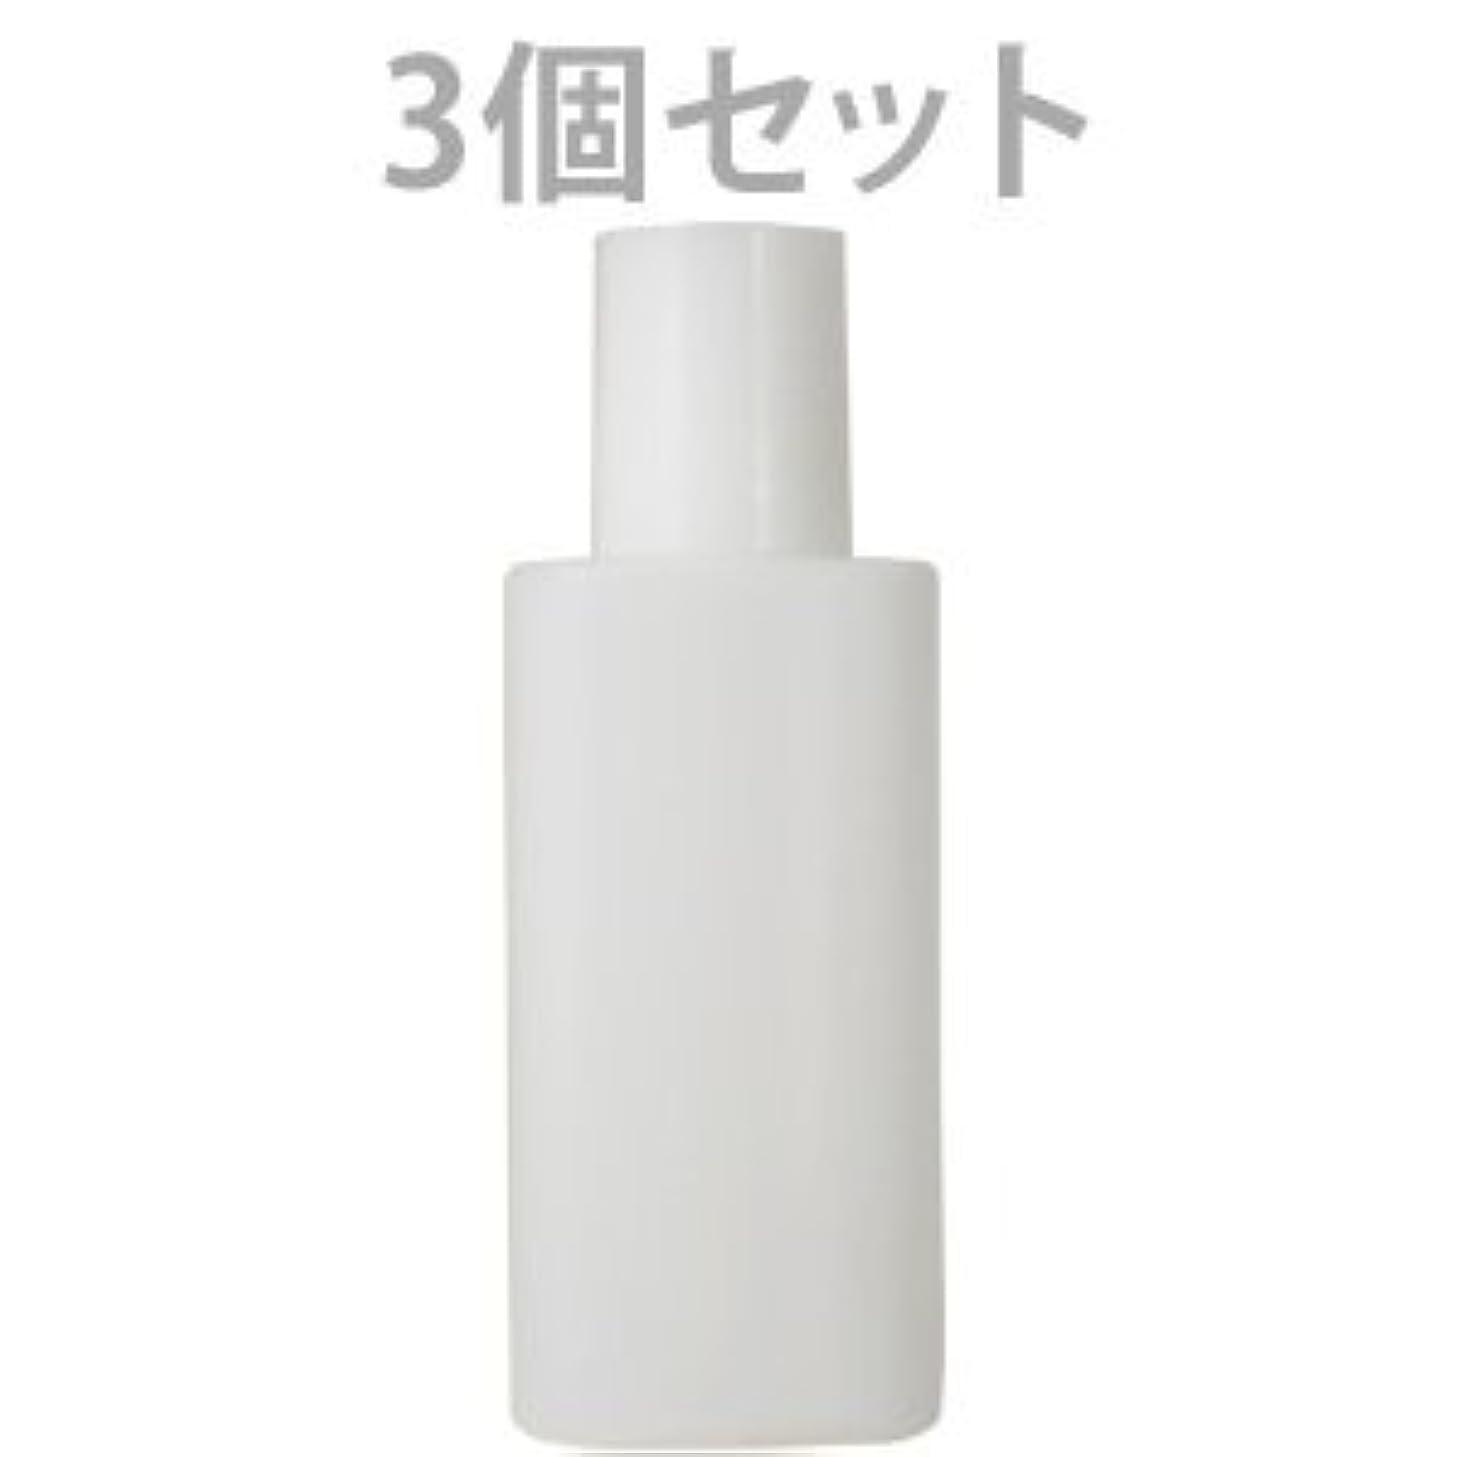 桃ブリード文庫本乳白色 ミニプラボトル容器 20ml (3個セット)